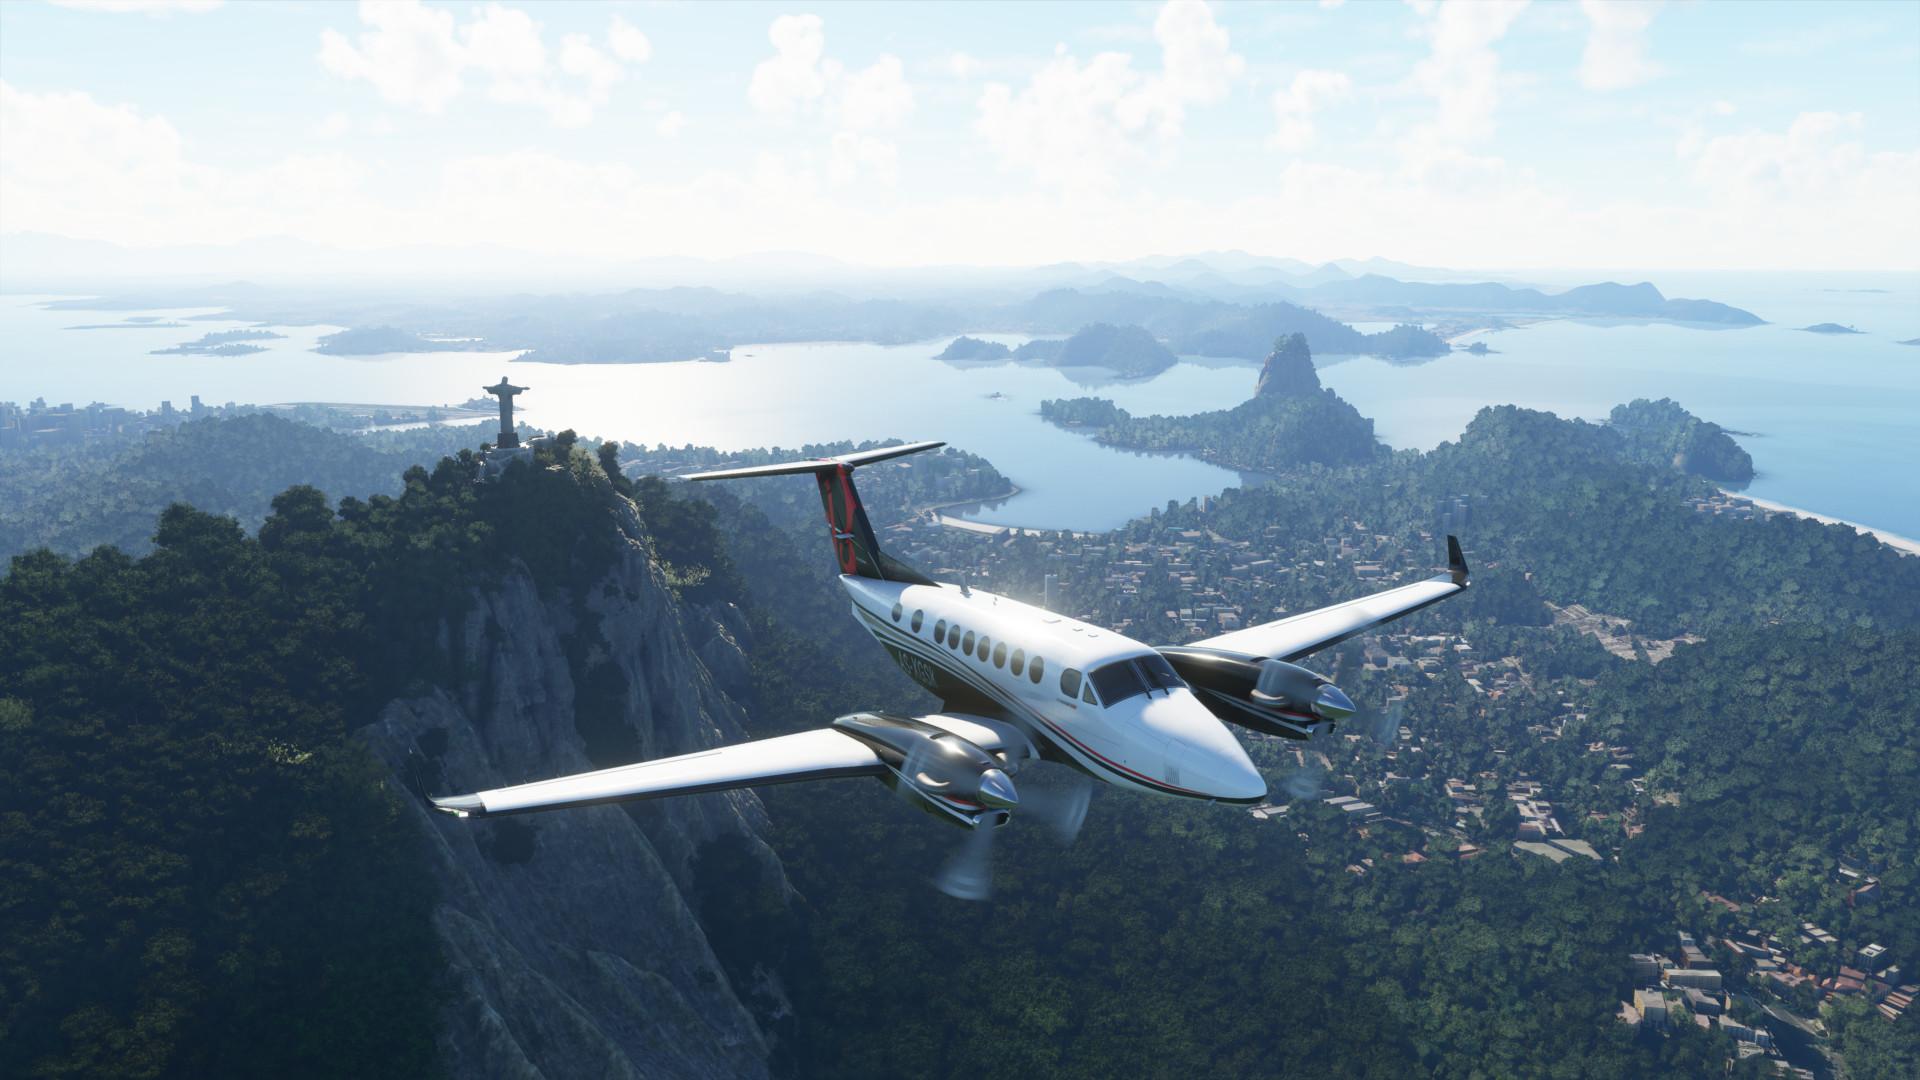 Flight Simulator Vivid Landscape